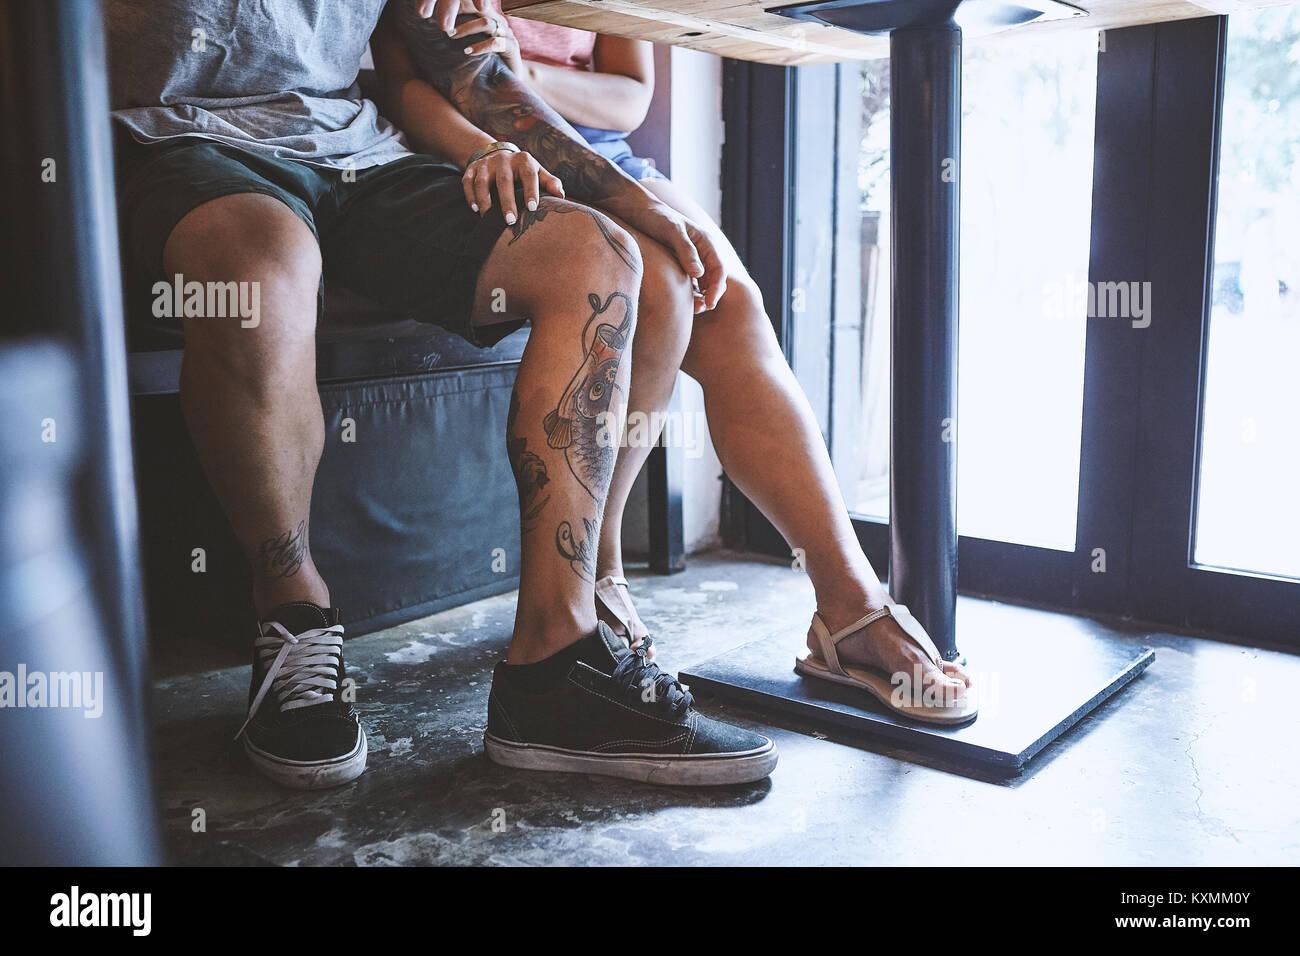 Taille en bas de multi ethnic couple hipster avec café en main sur chaque genou autres Concession Française Photo Stock